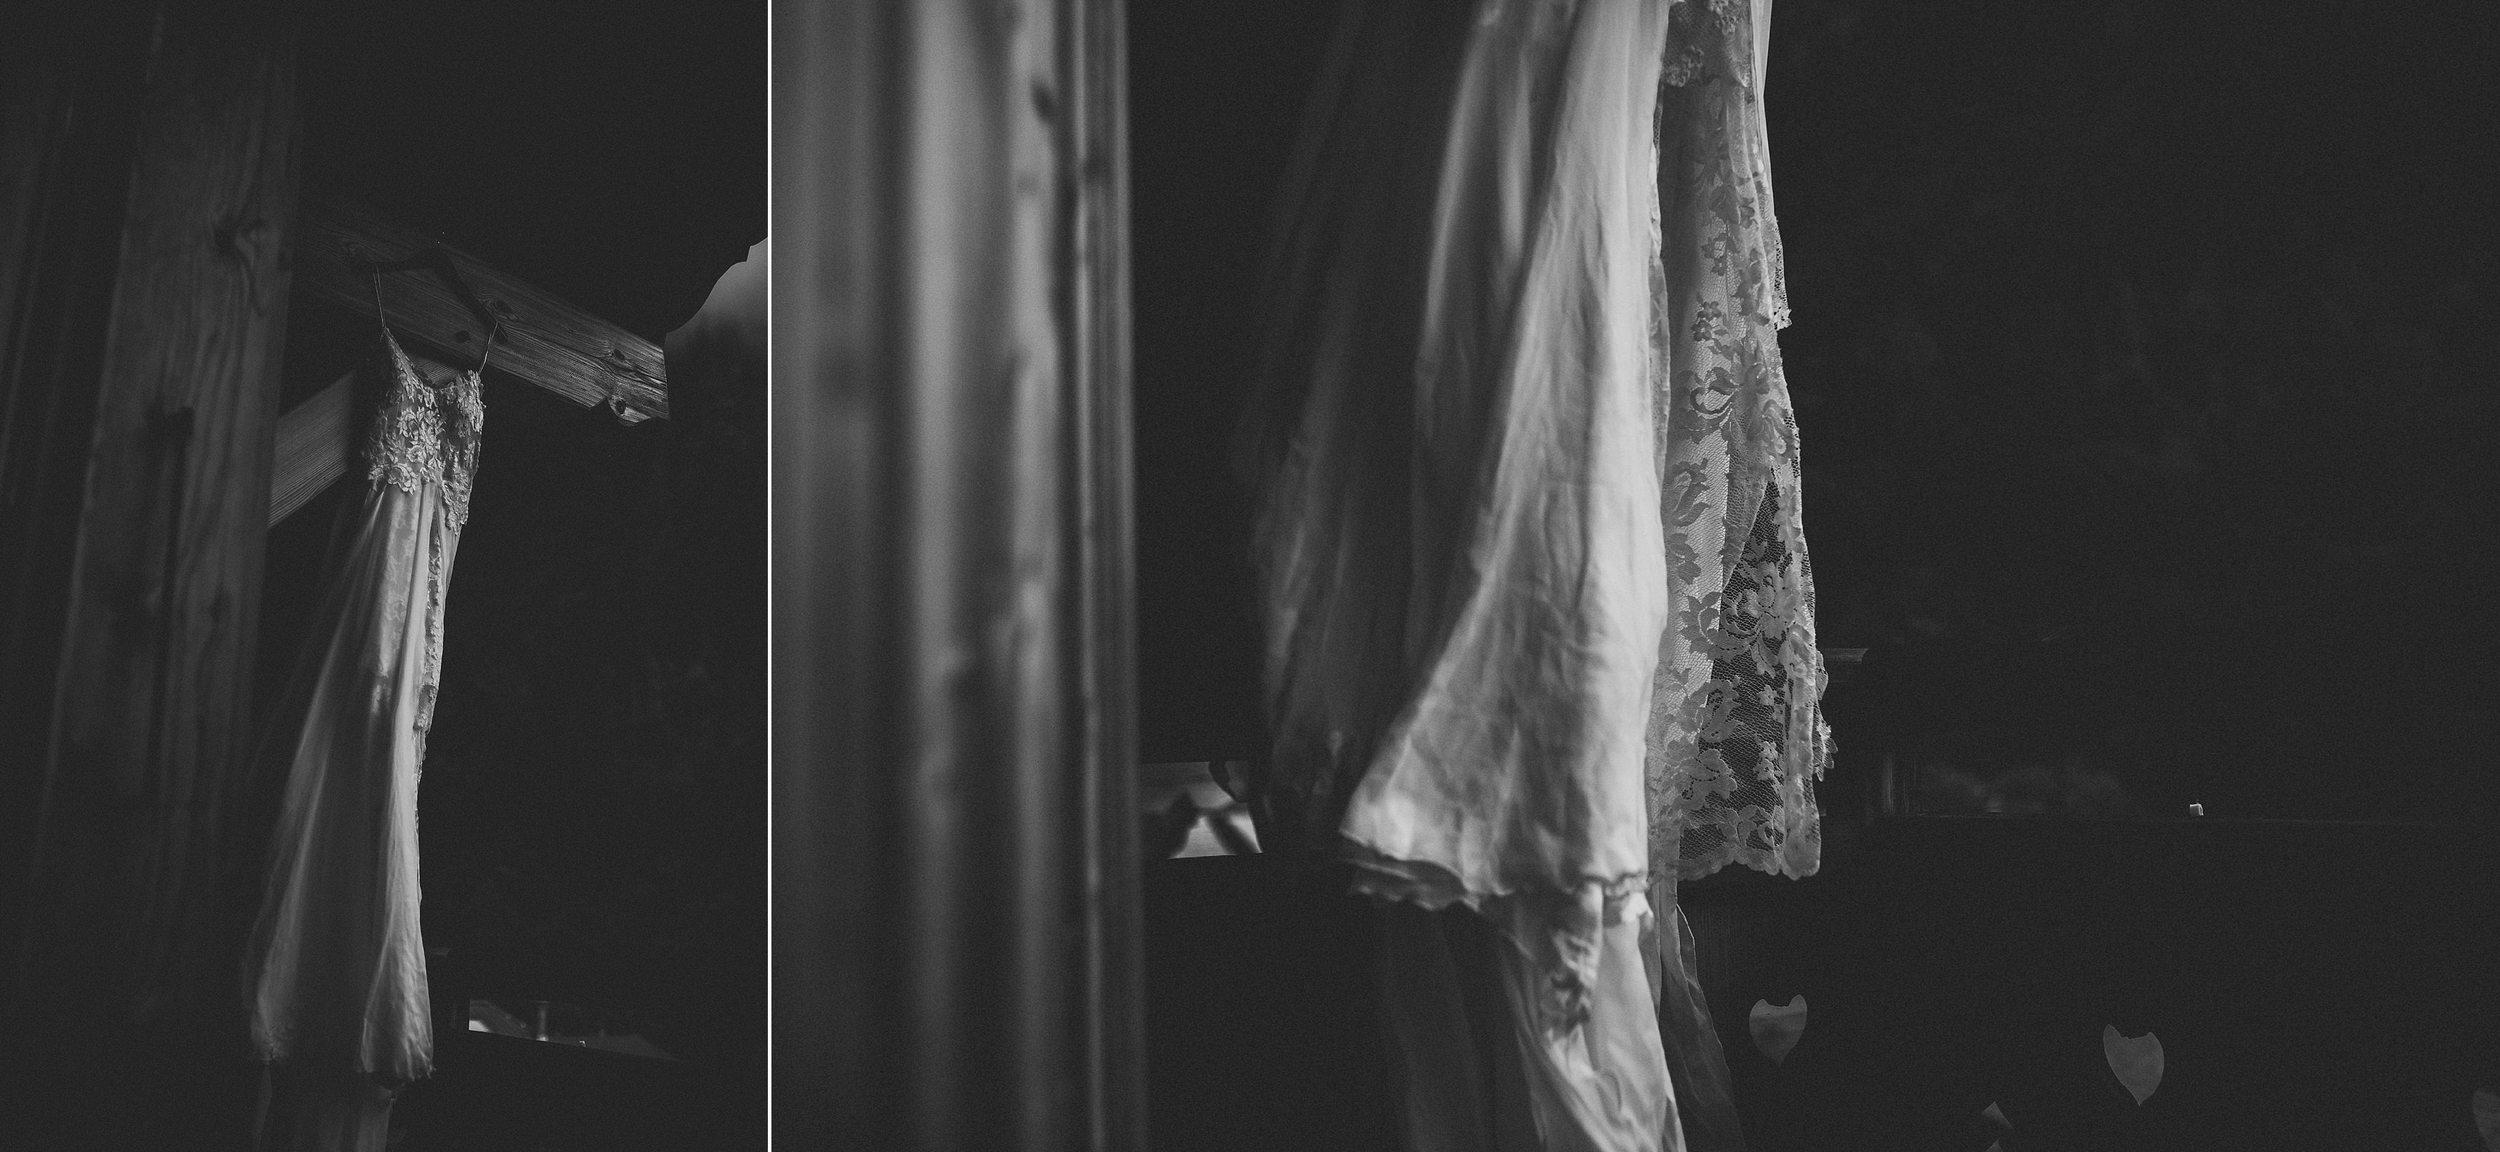 mariage-suisse-haute-savoie-domaine-baron-steven-bassillieaux-bordeaux-dordogne-wedding-photographe-8.jpg